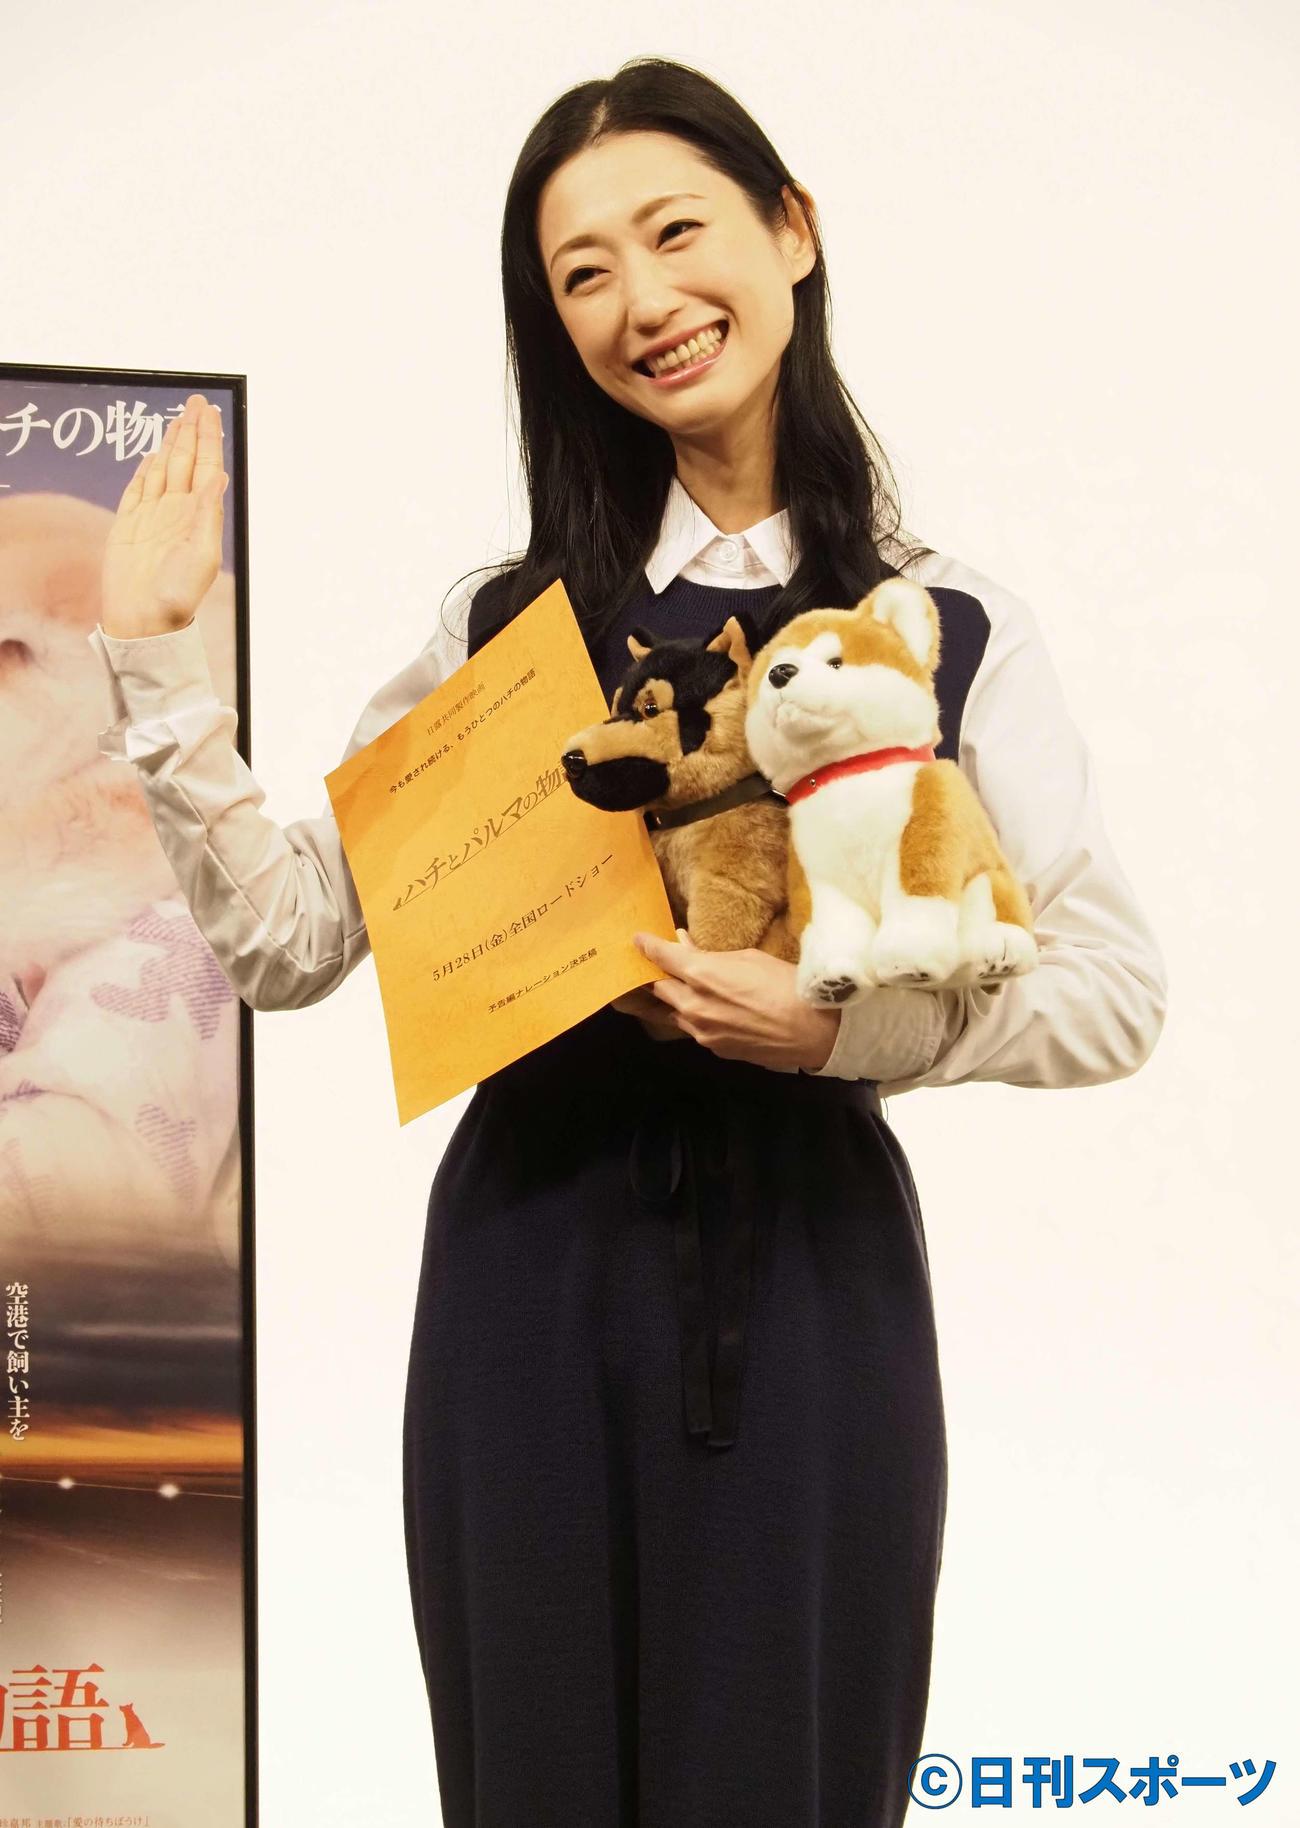 映画「ハチとパルマの物語」公開アフレコイベントに出席した壇蜜(撮影・遠藤尚子)